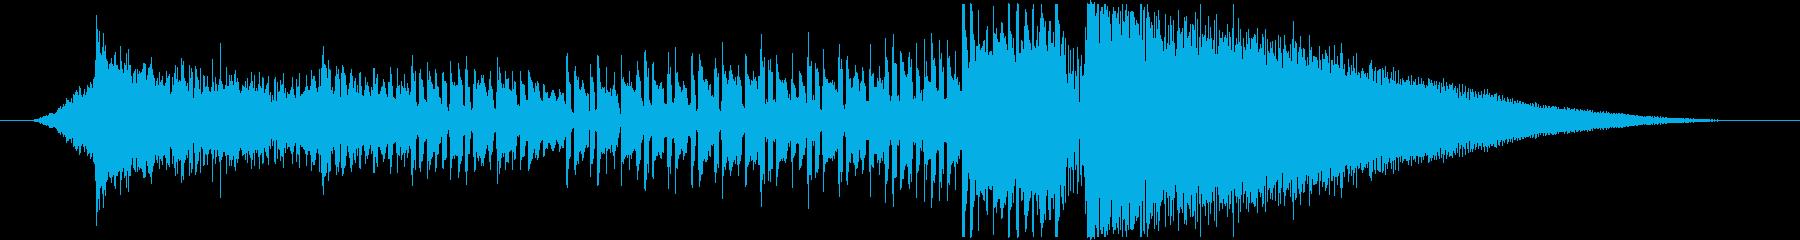 デジタルロック調のサウンドロゴの再生済みの波形